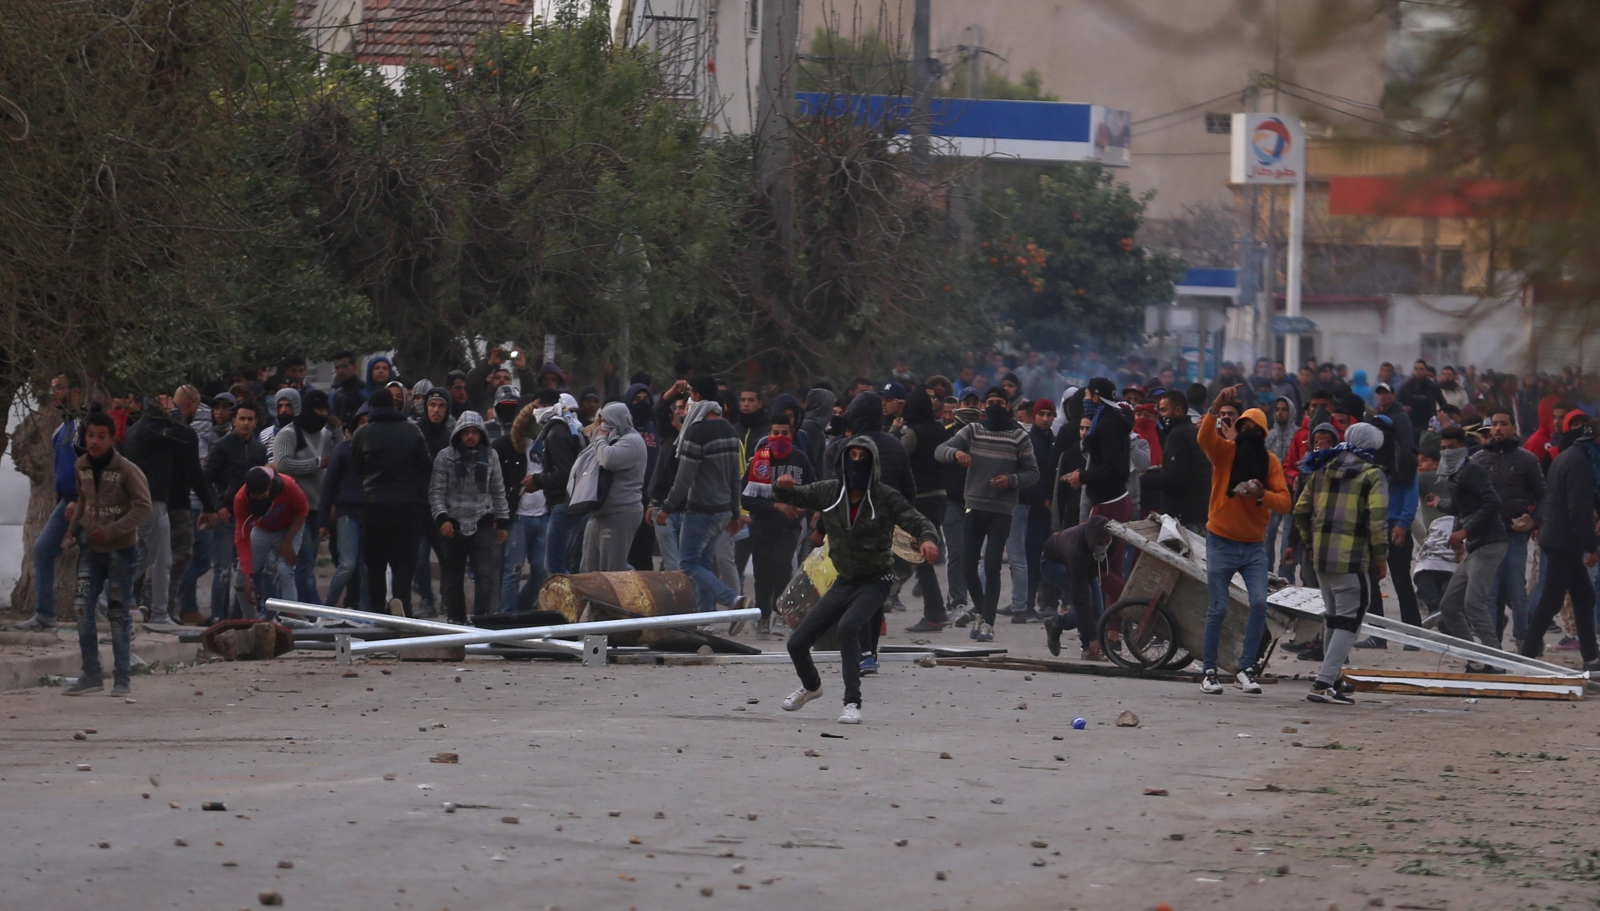 Tunisia anti-government protests